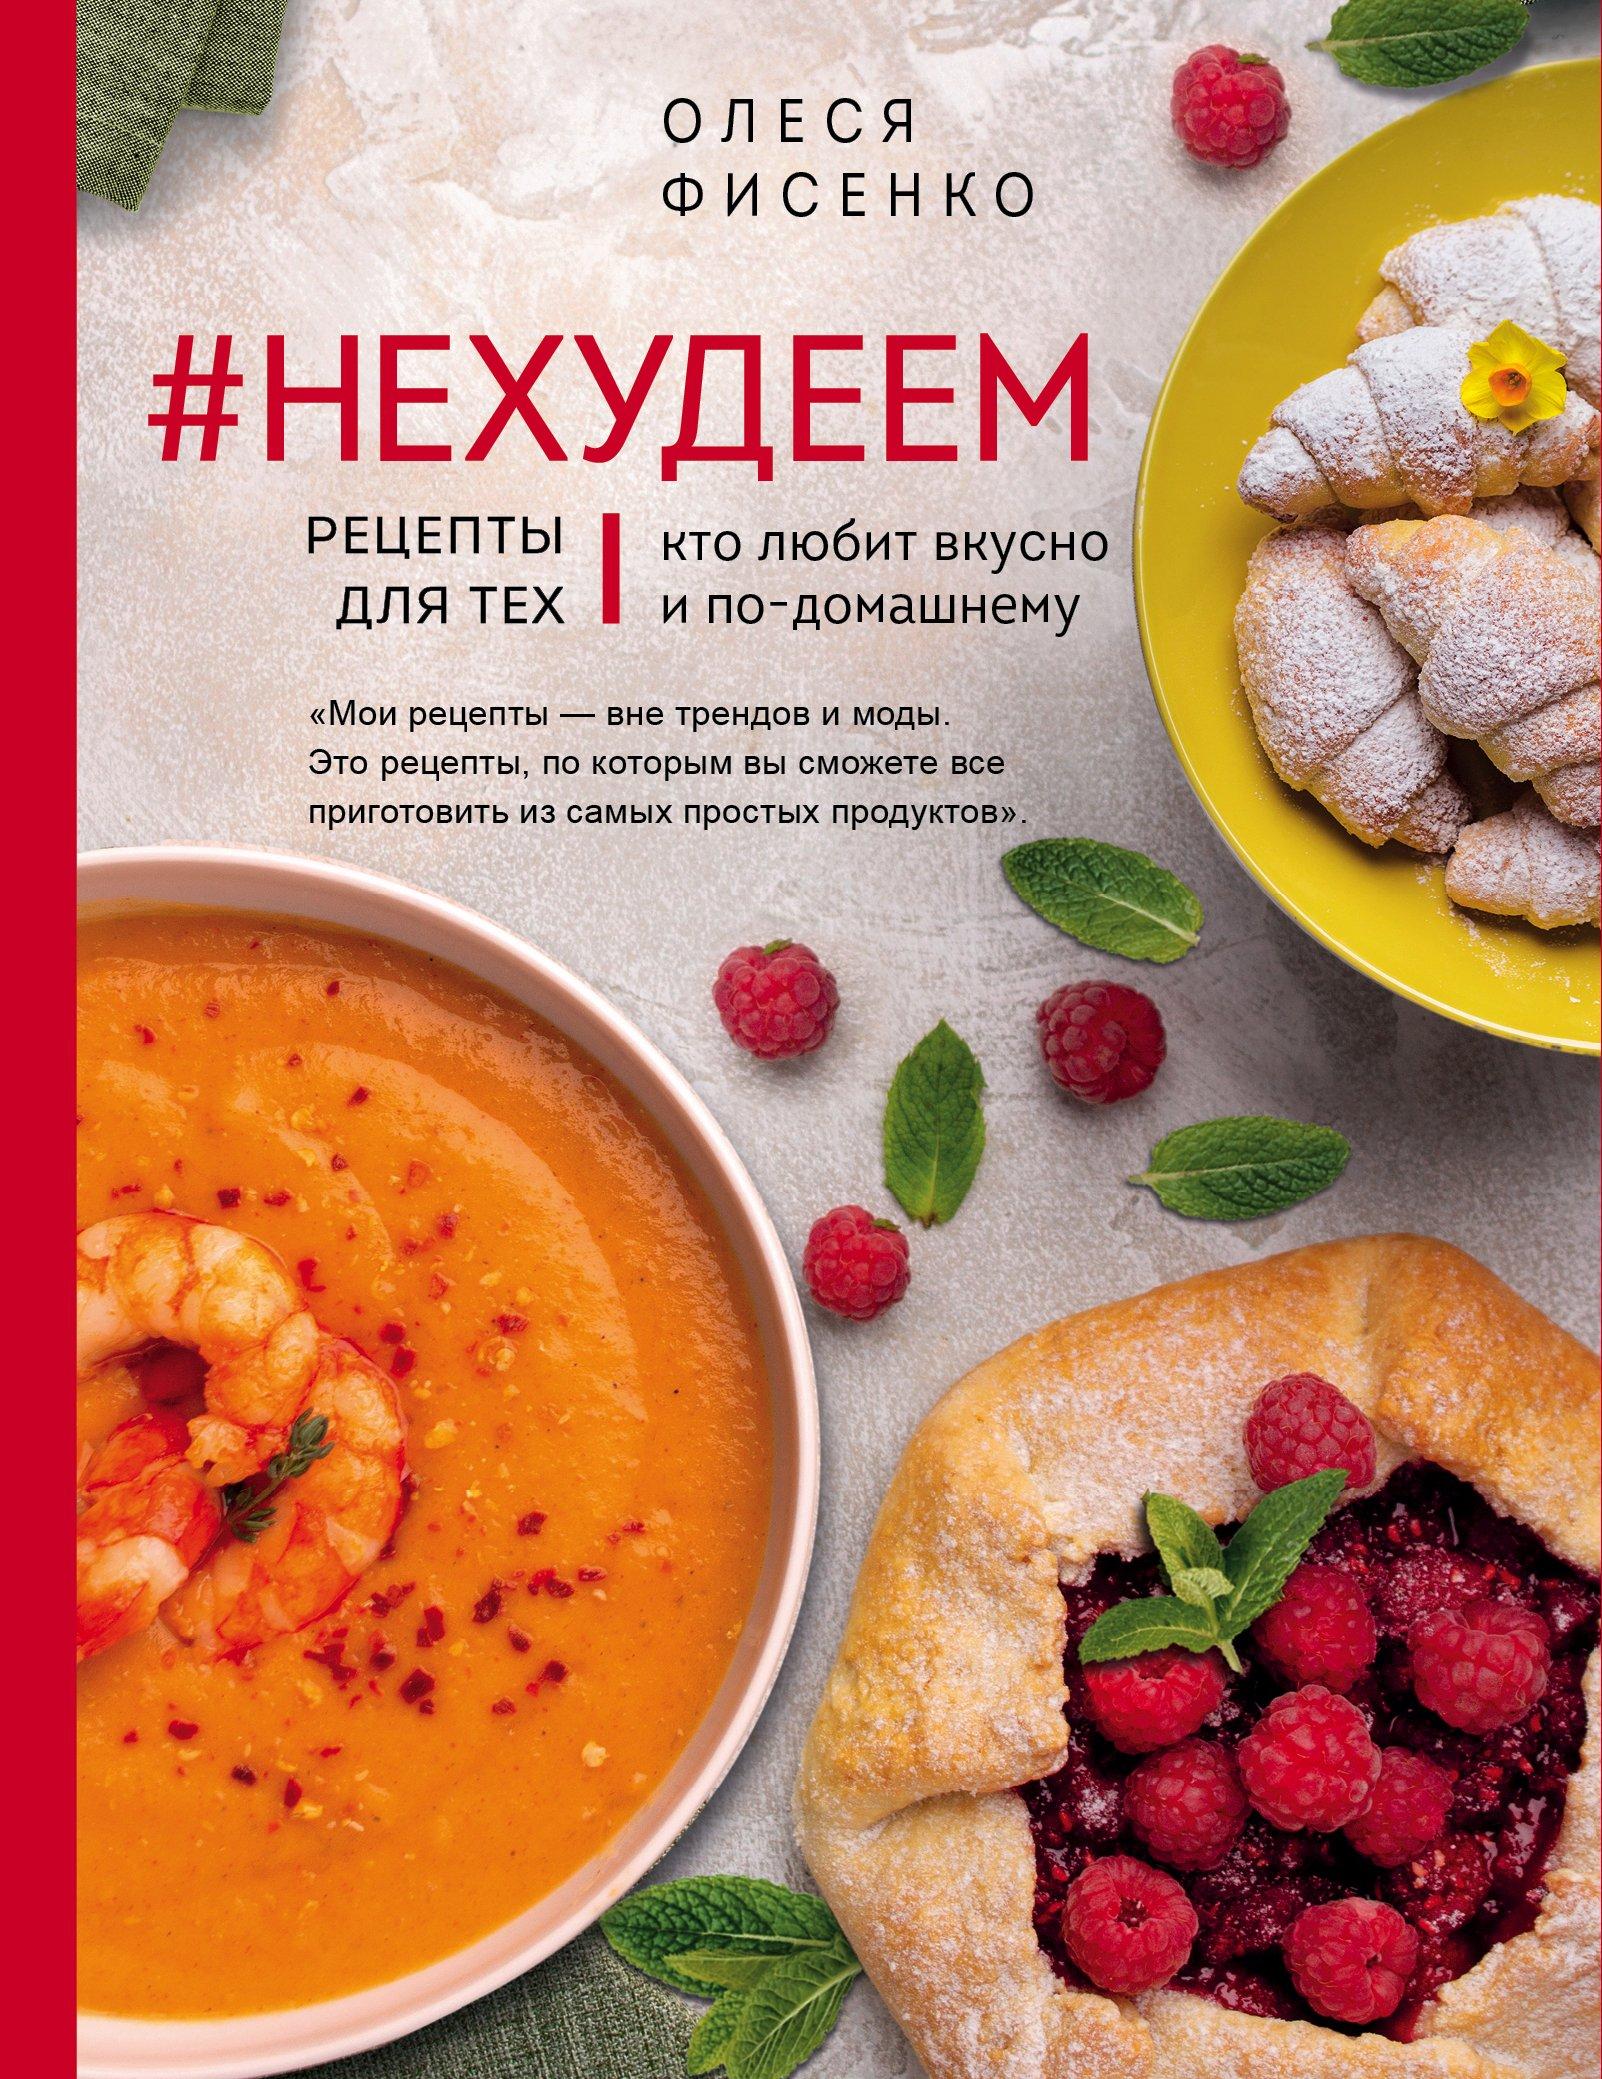 Олеся Фисенко #Нехудеем. Рецепты для тех, кто любит вкусно и по-домашнему